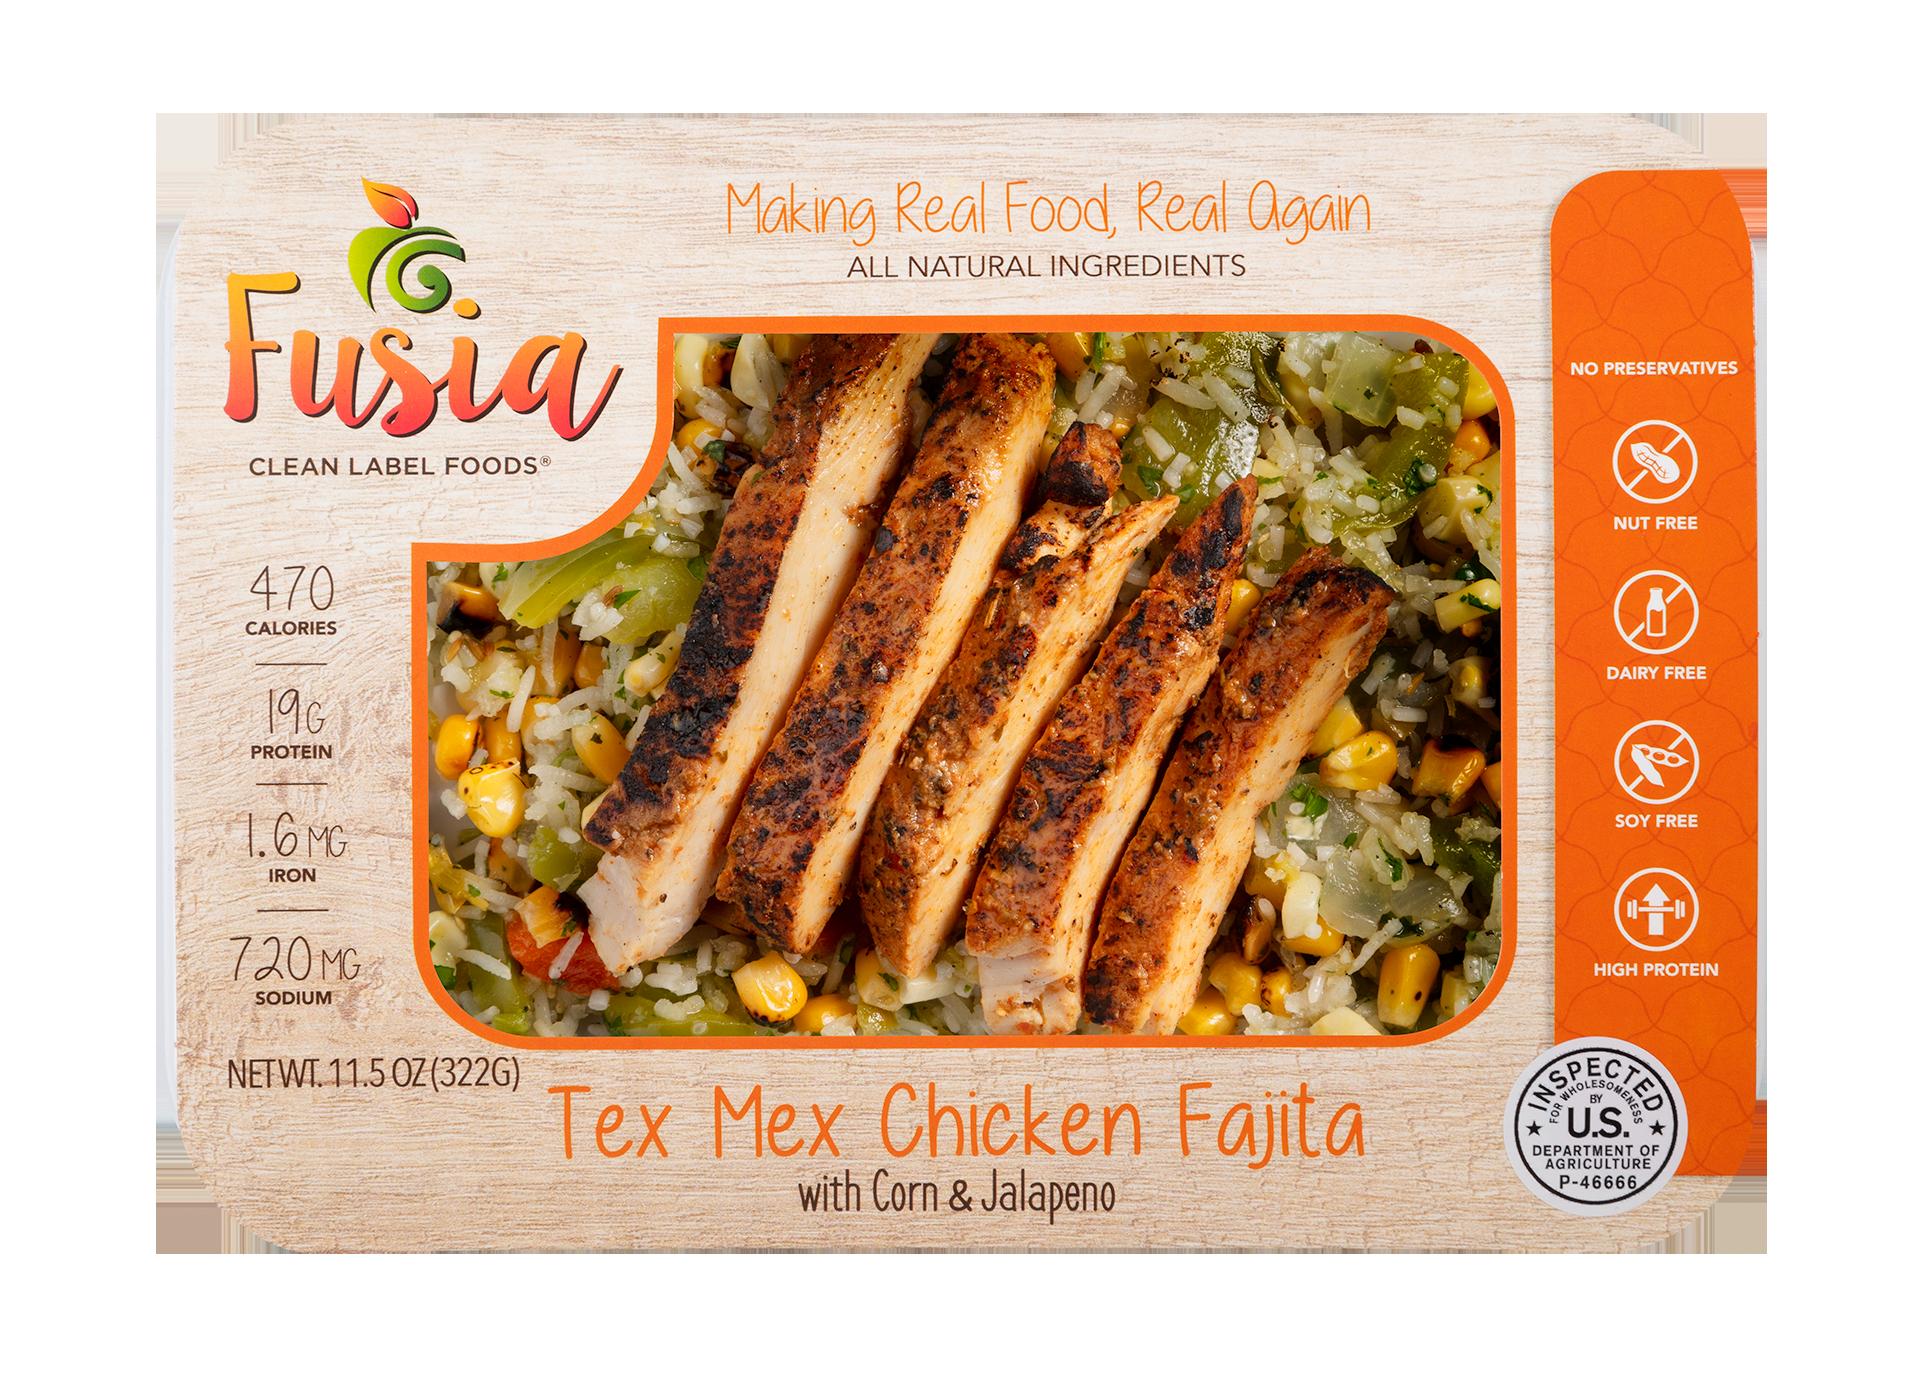 Tex Mex Chicken Fajita